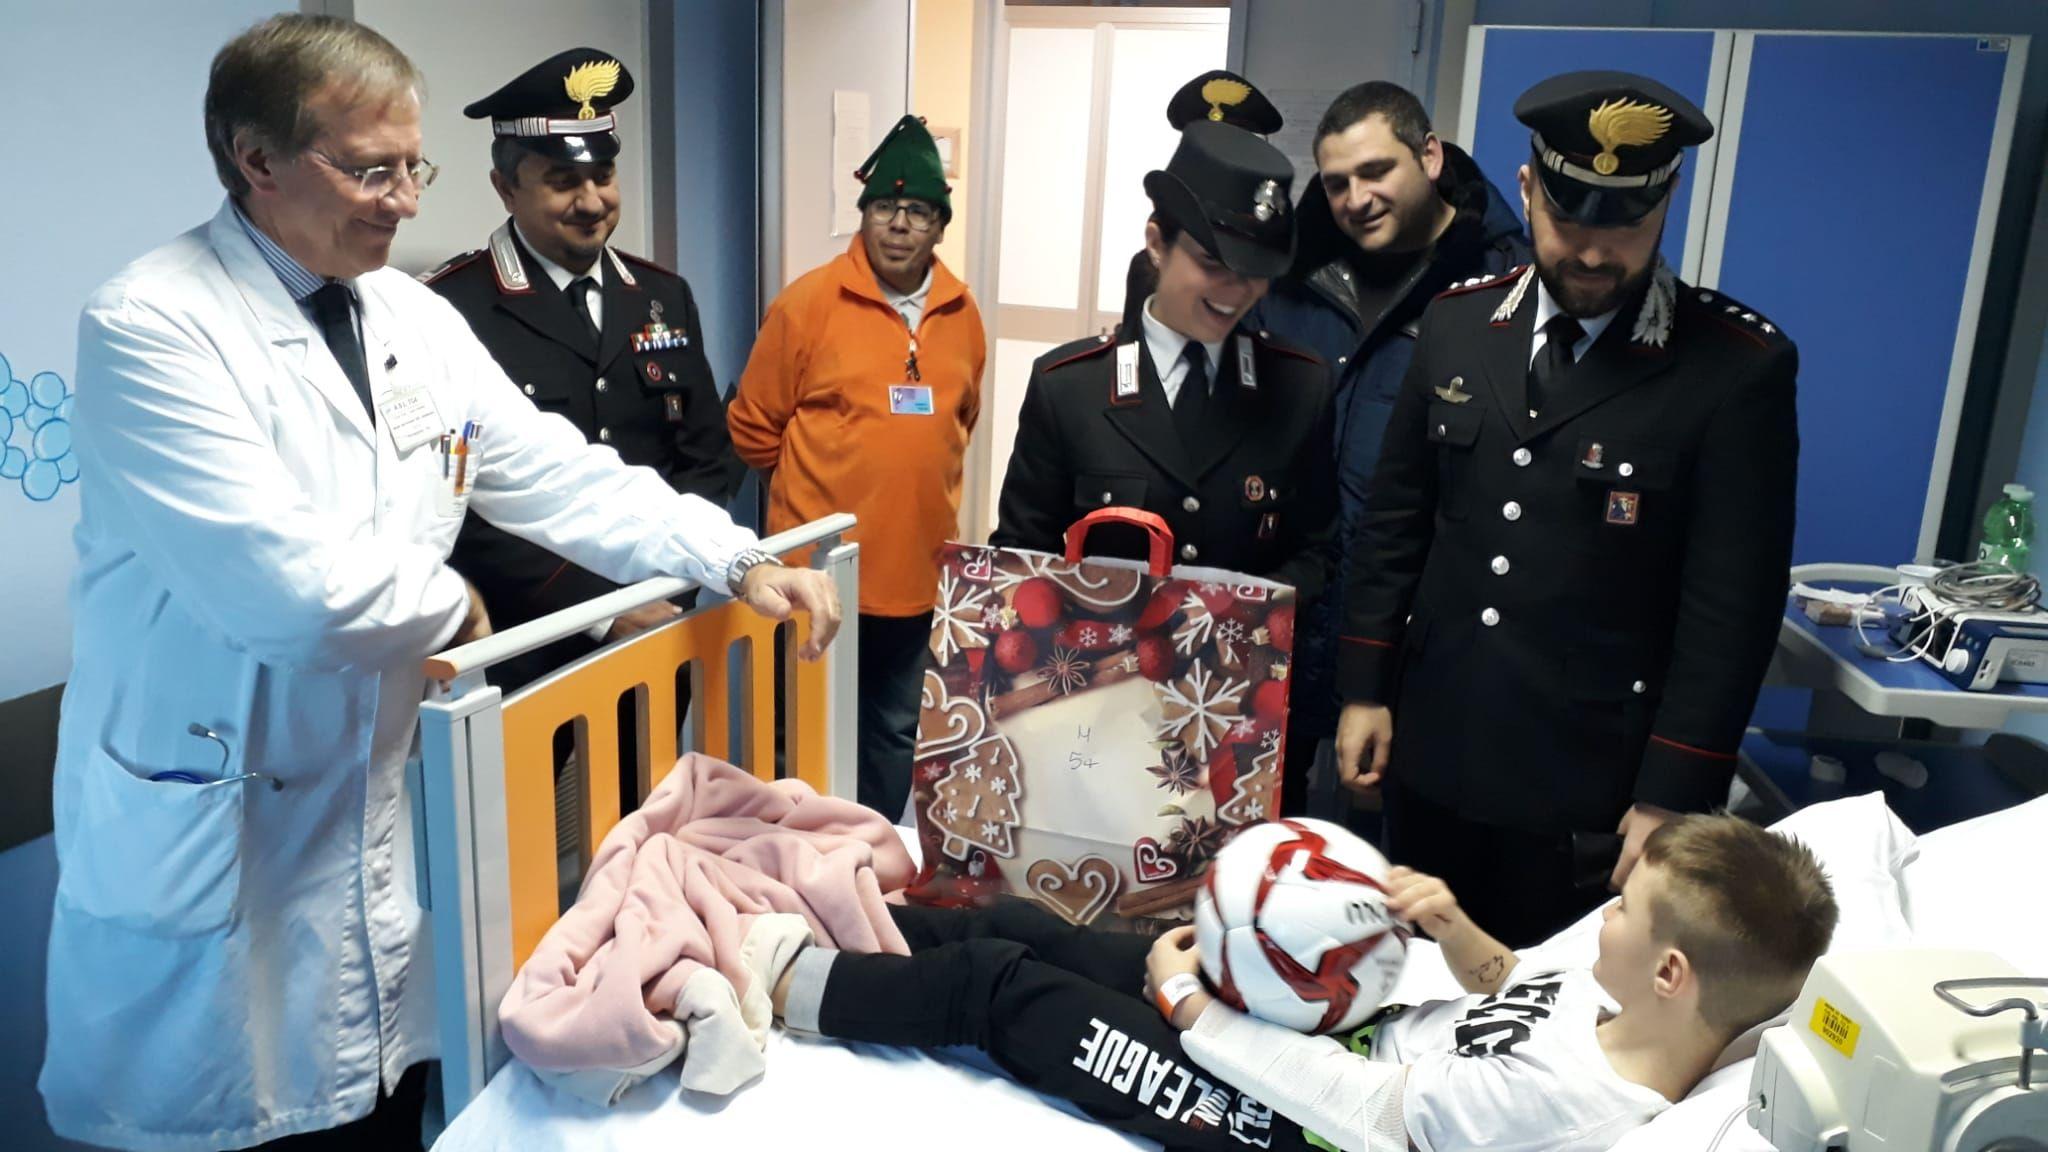 CIRIE' - Babbo Natale con la divisa dell'Arma: i carabinieri portano doni ai bimbi in ospedale - FOTO